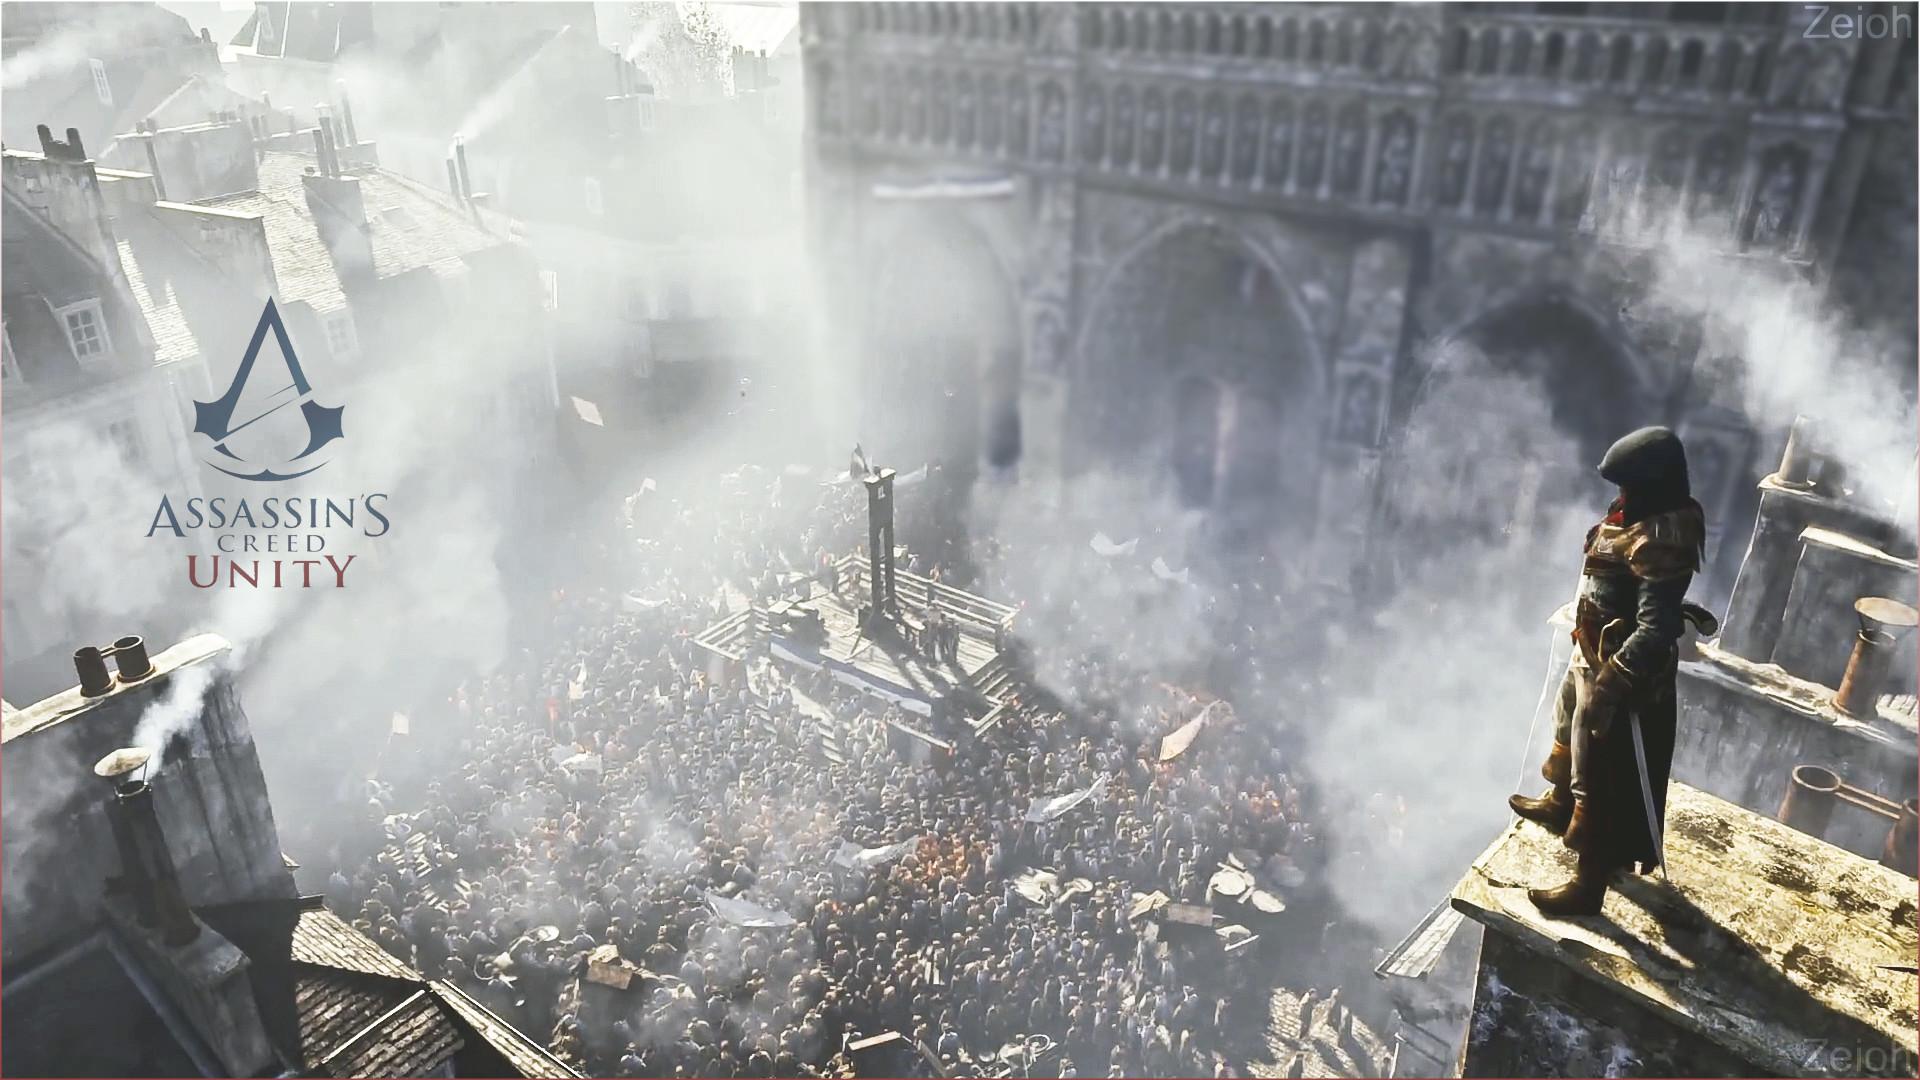 Assassin's Creed Unity – Wallpaper Arno Paris by Zeioh.deviantart.com on  @deviantART